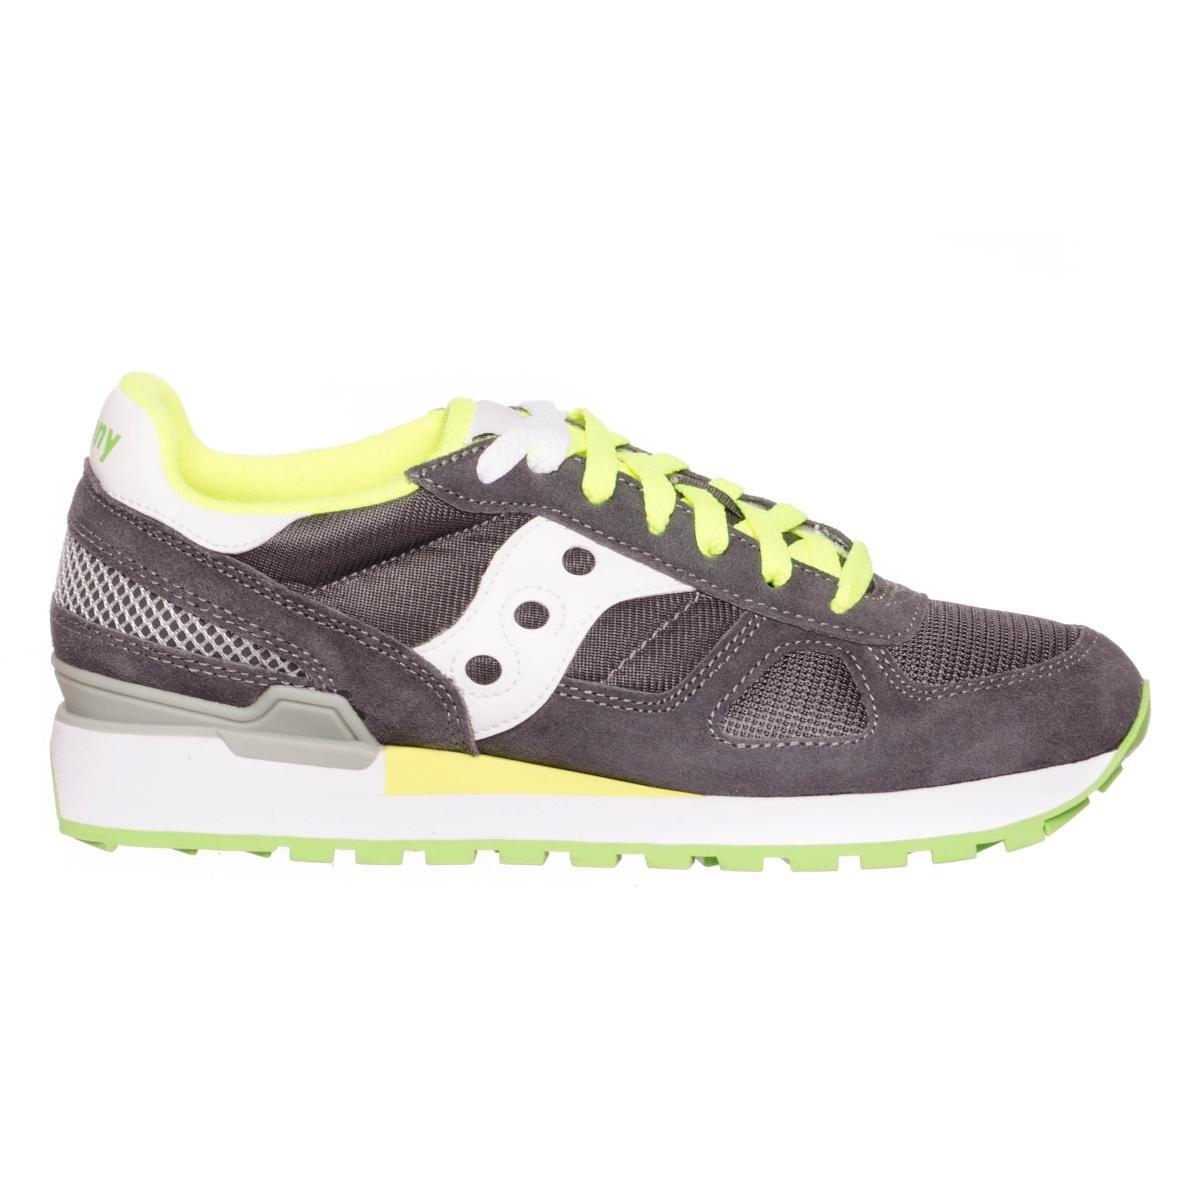 Saucony Shadow Original - Zapatillas de Running para Asfalto Unisex adulto 46.5 EU|Gris oscuro